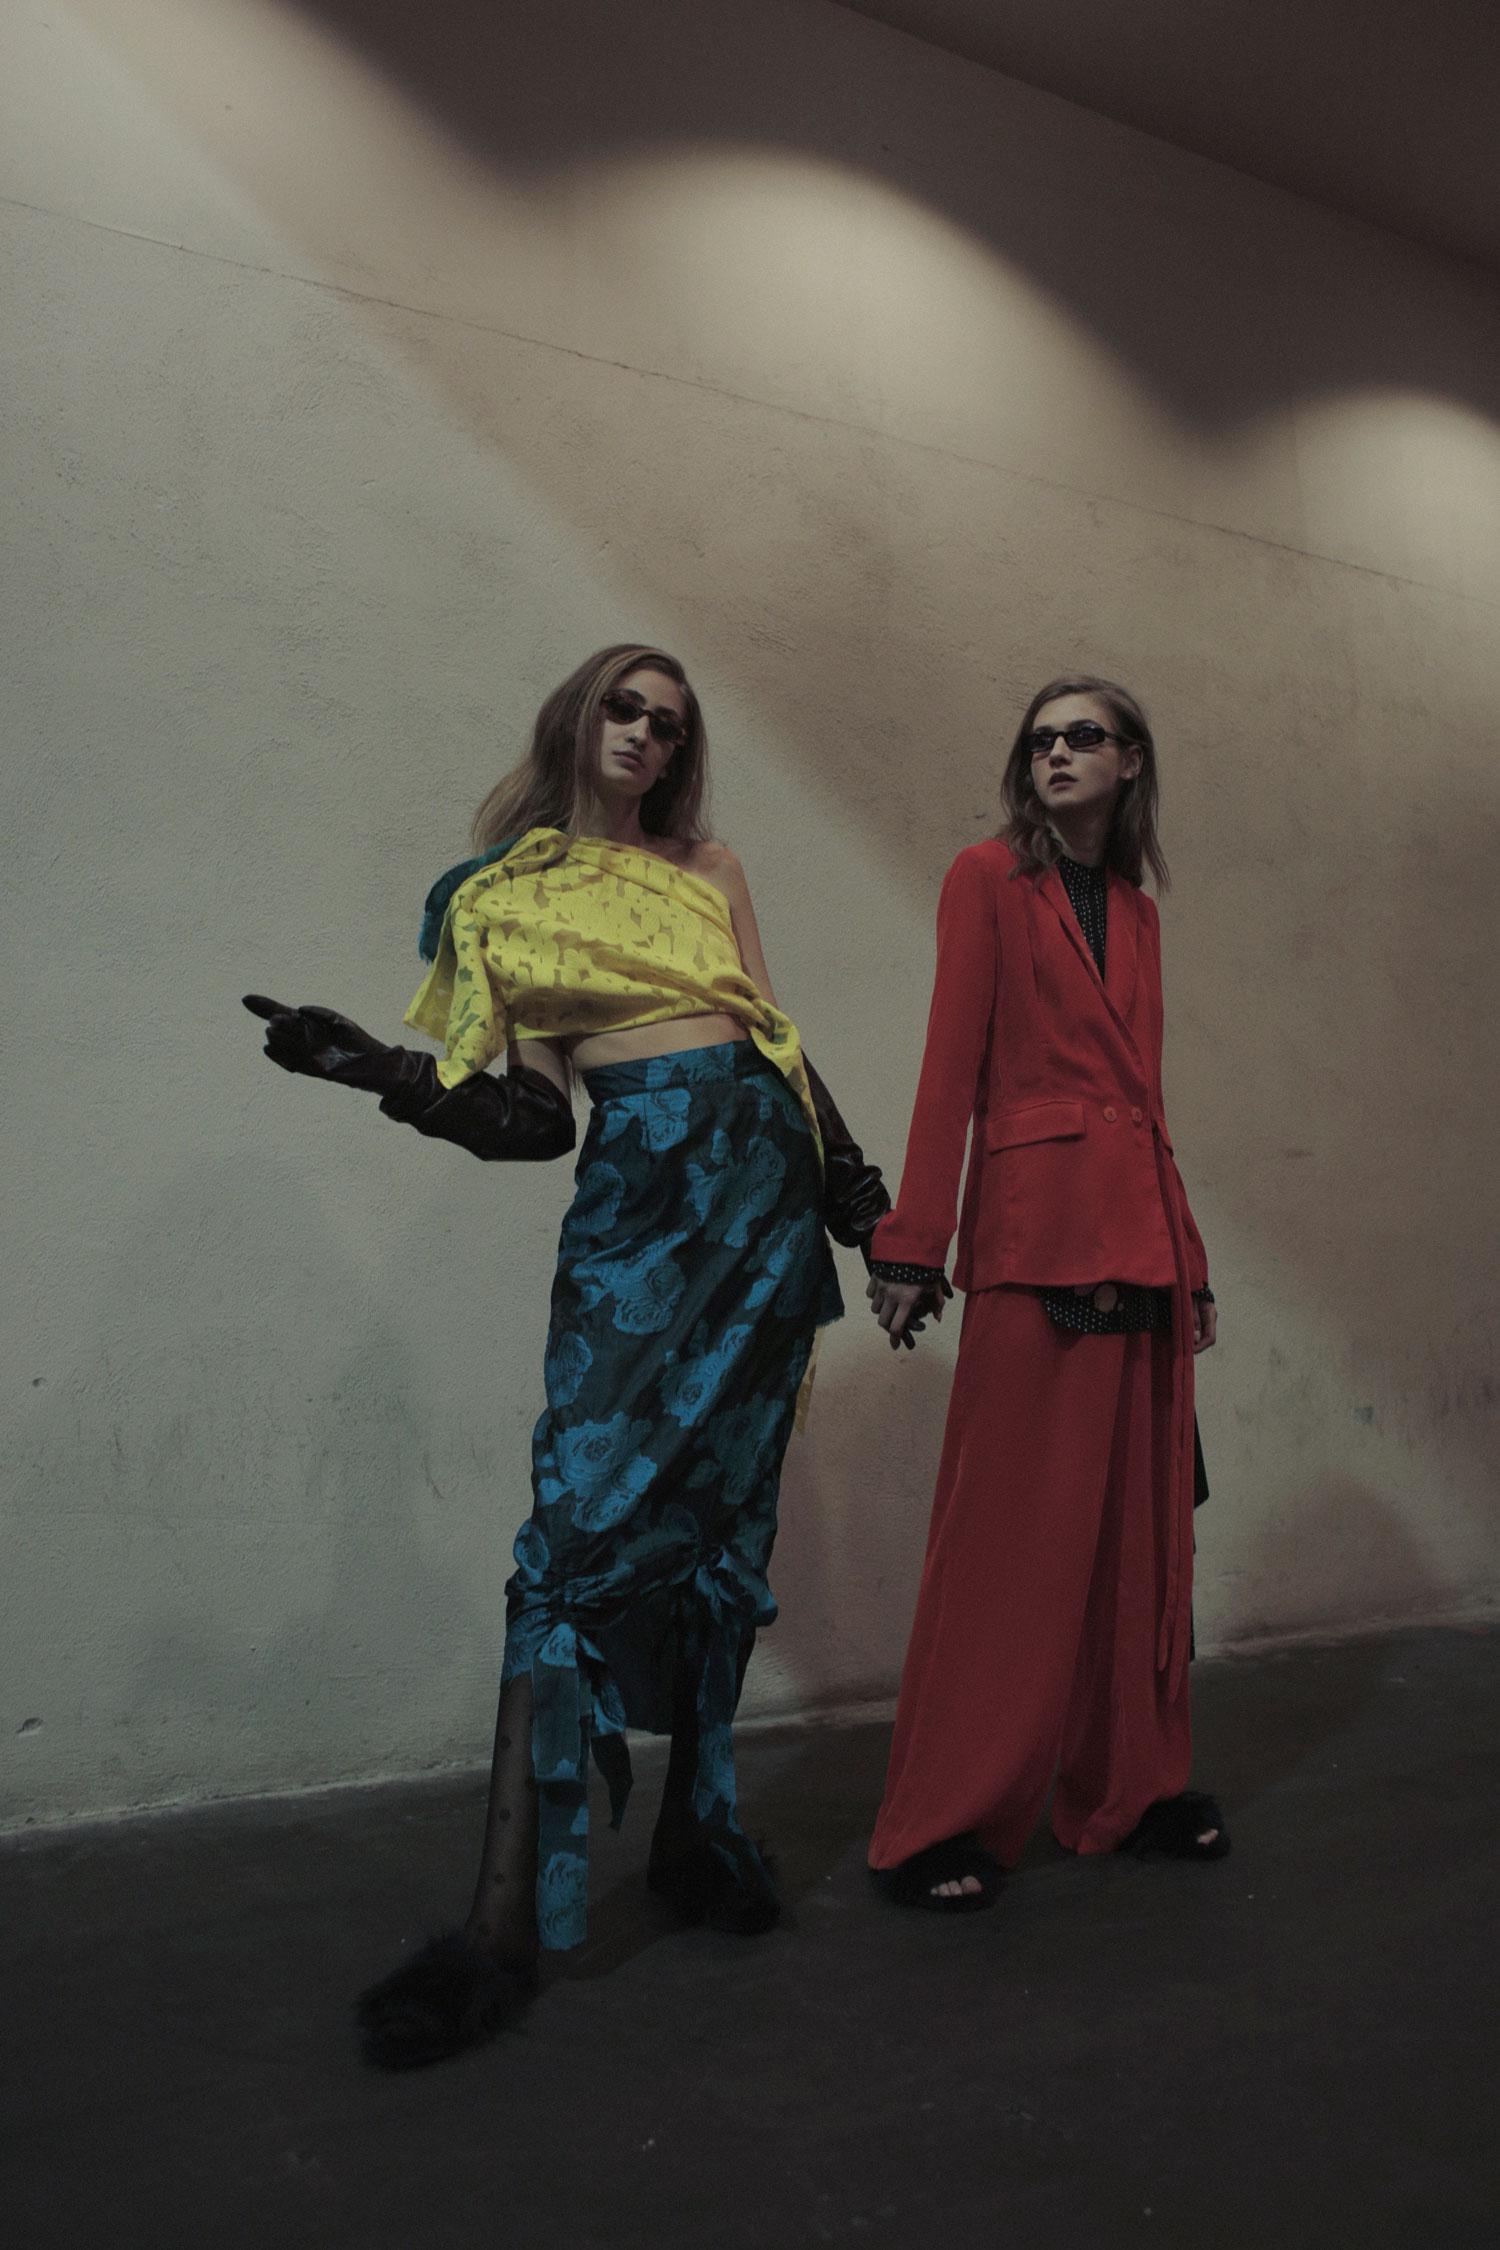 Celia Valverde: de Kendall Jenner a la vanguardia de los jóvenes diseñadores - image 22 on https://www.vanidad.es